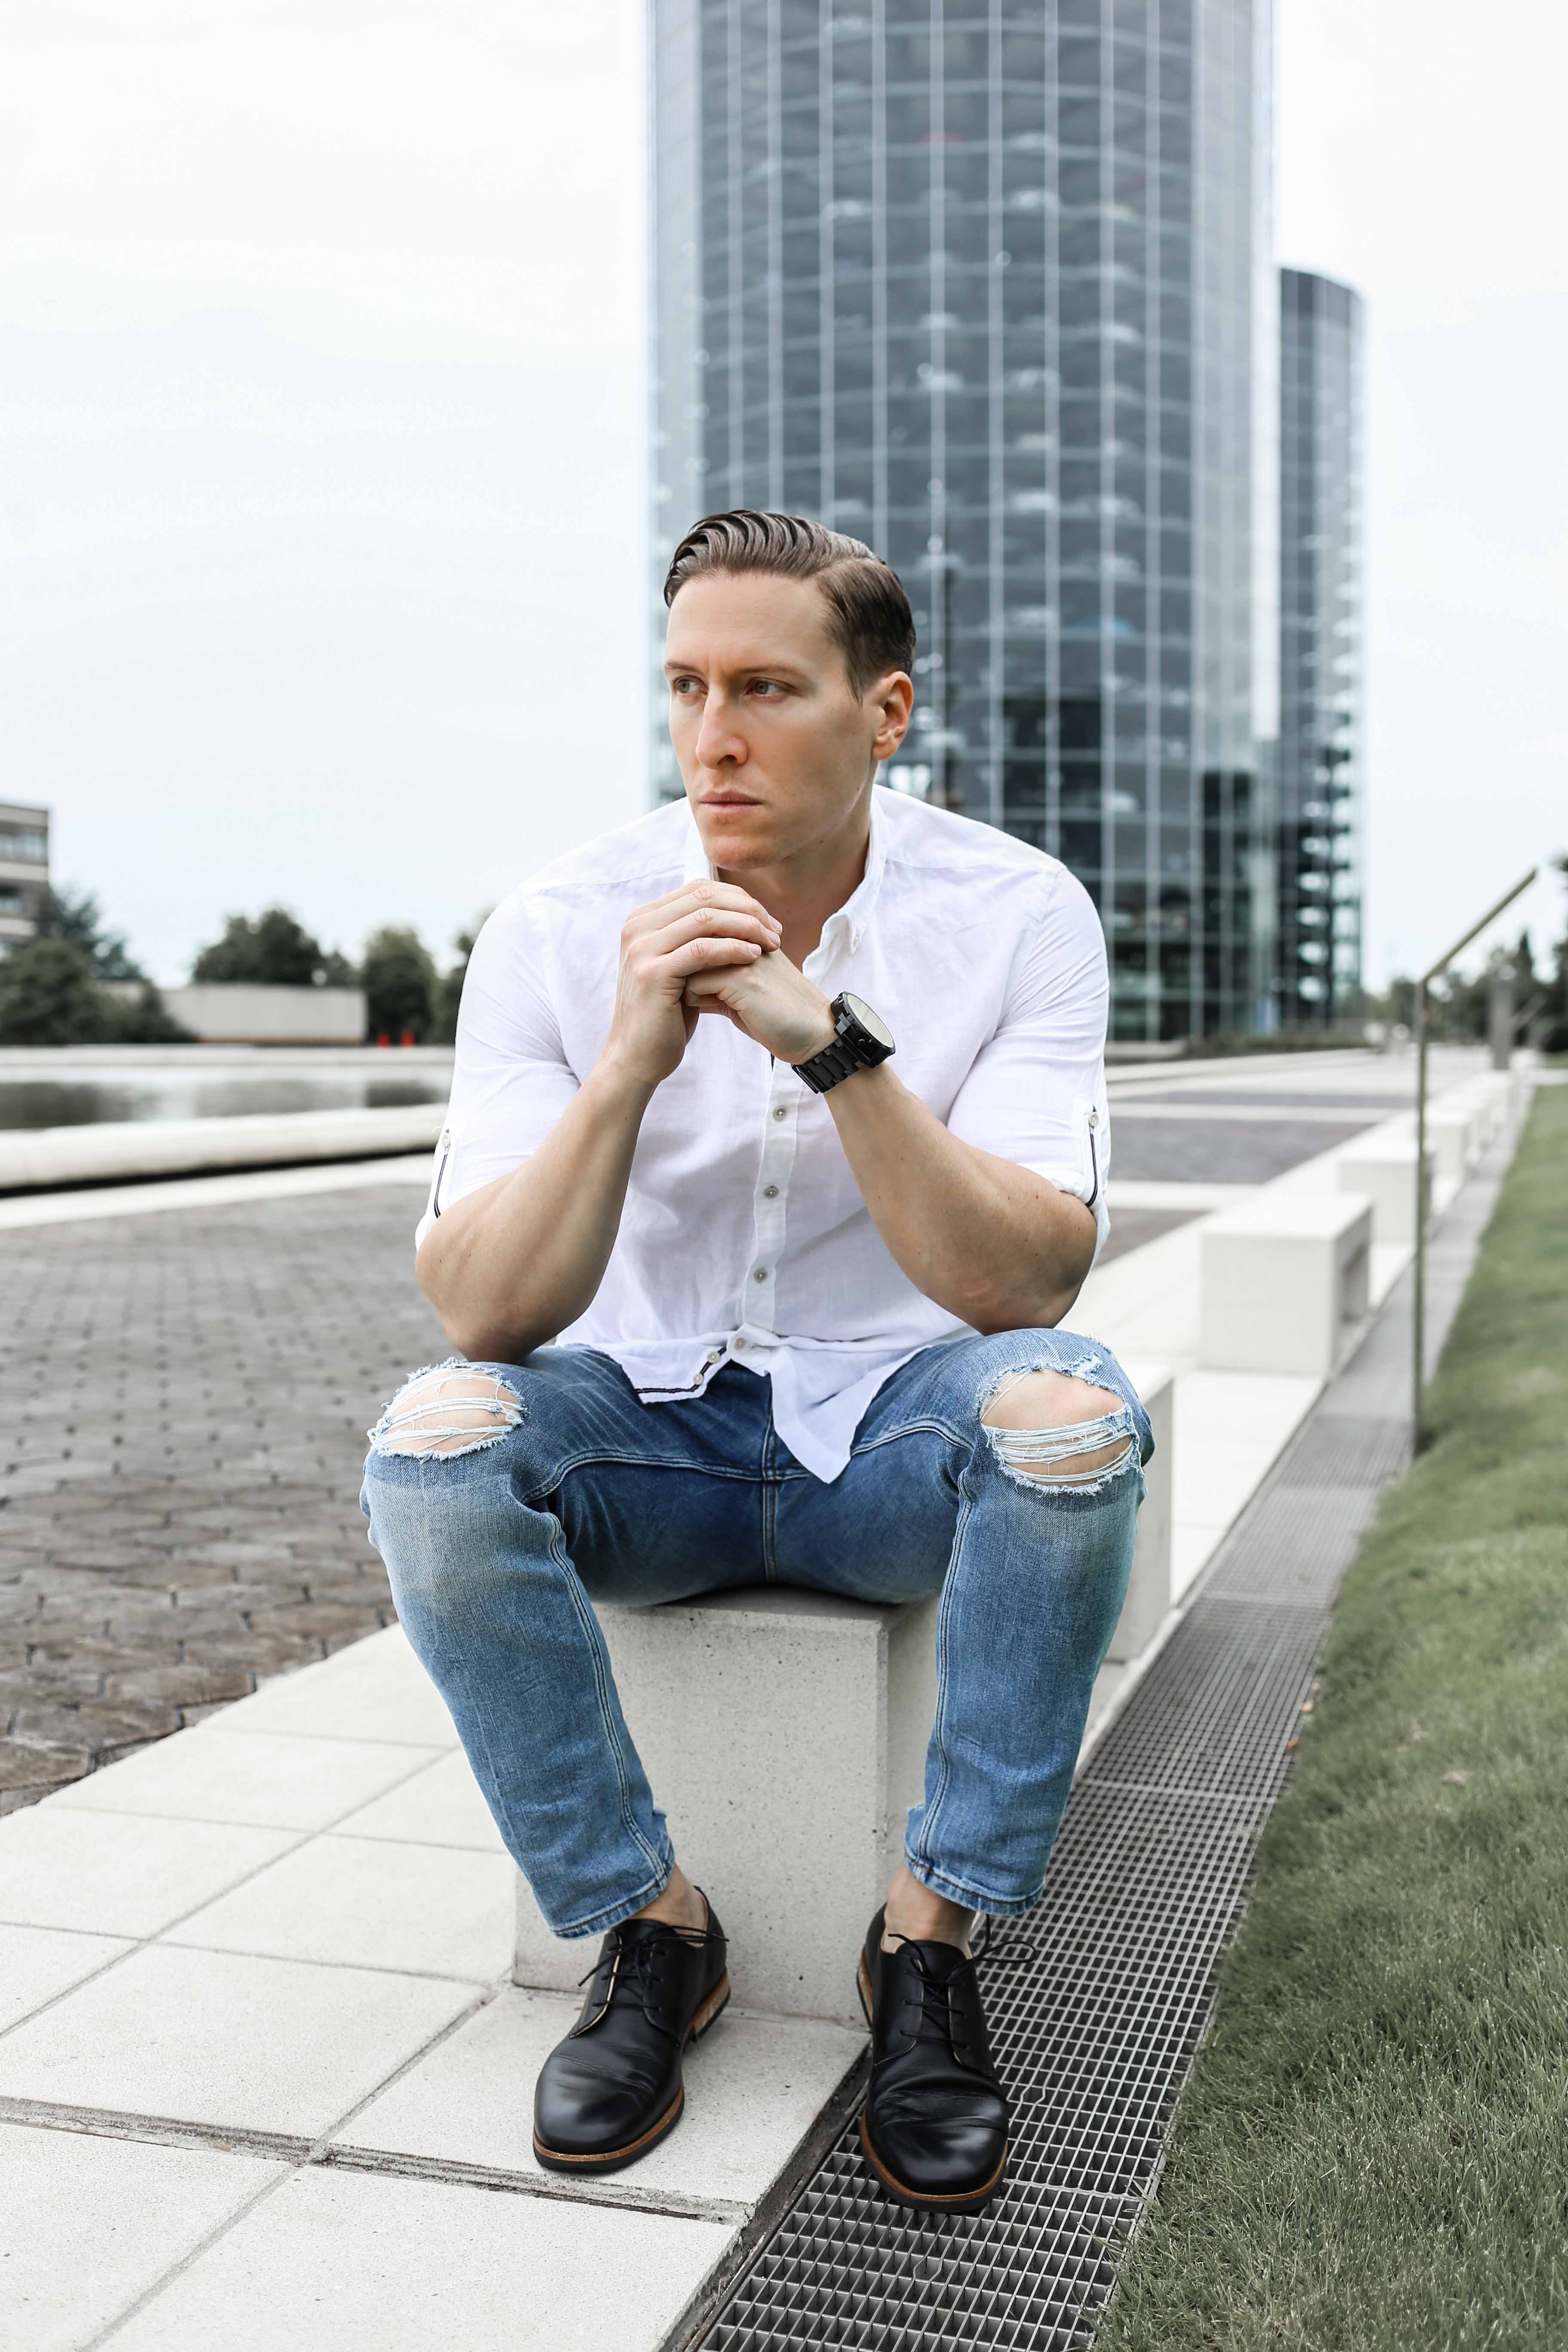 sommer-look-weißes-leinenhemd-ripped-blue-jeans-freizeit-lederschuhe-modeblog-männerblog_0465